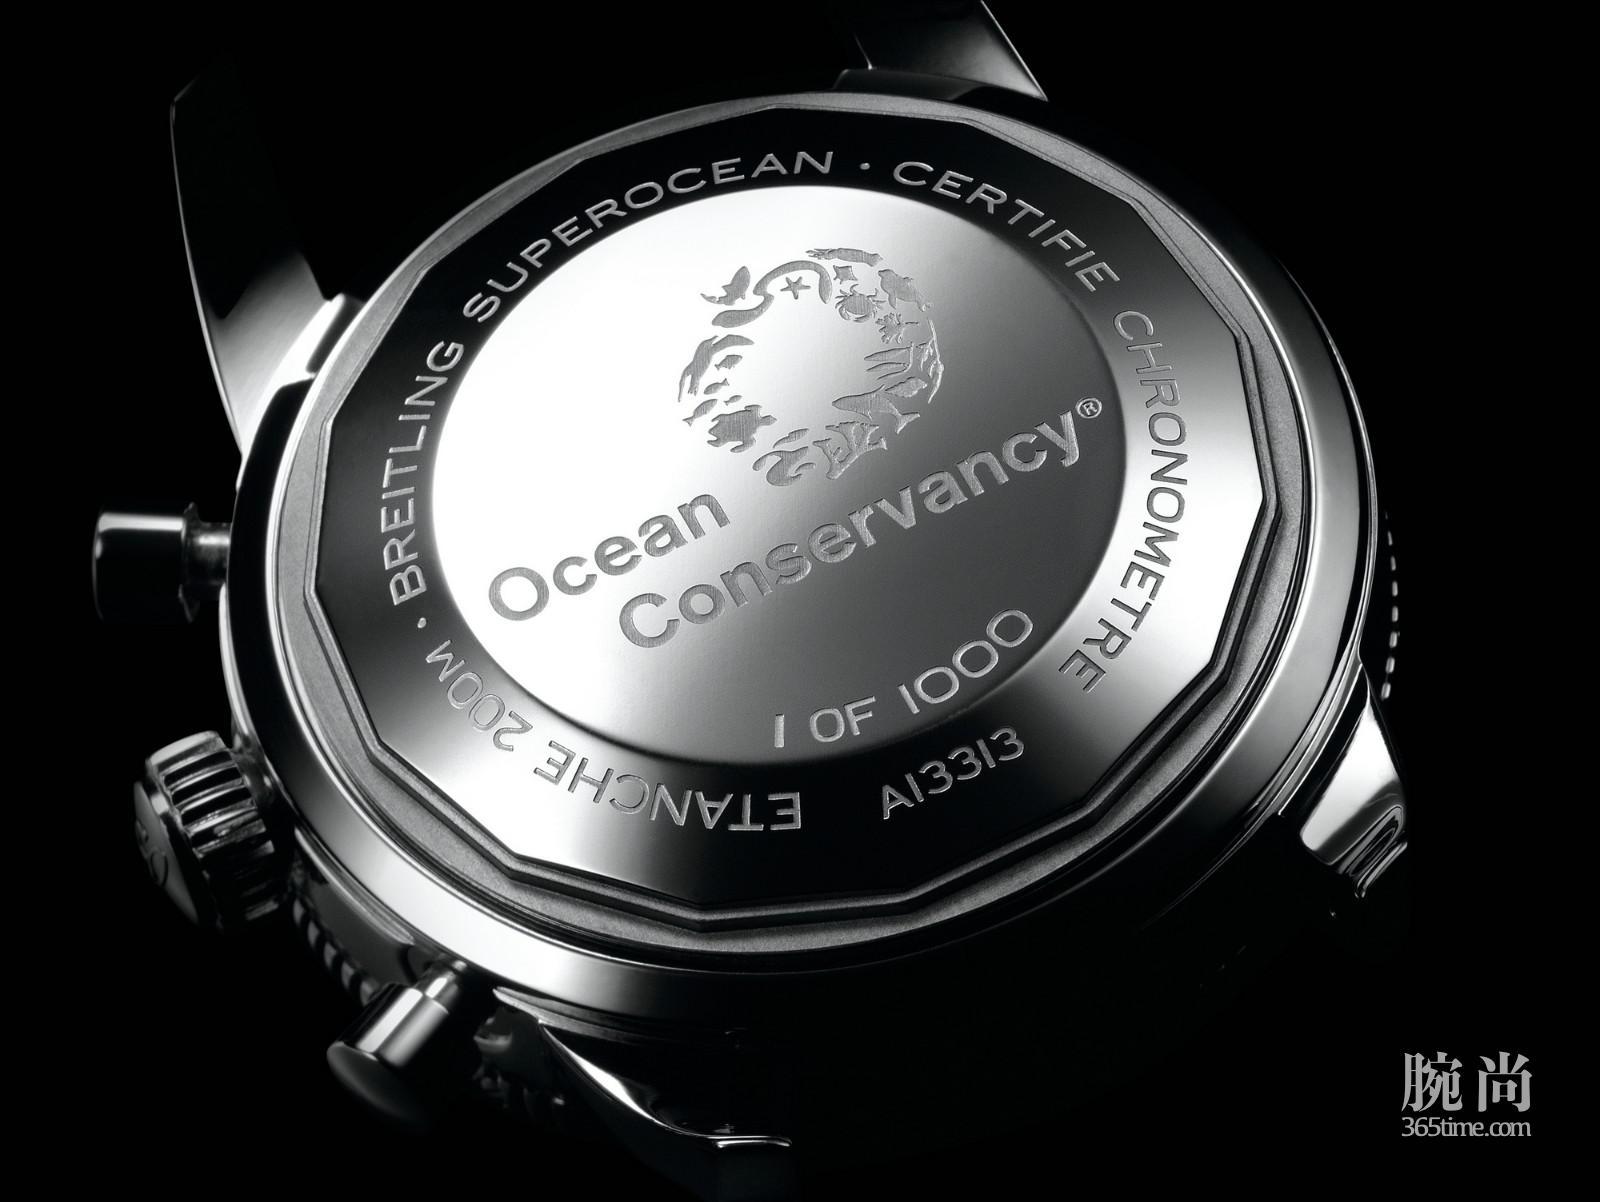 05_超级海洋文化系列海洋保育协会限量版腕表.jpg